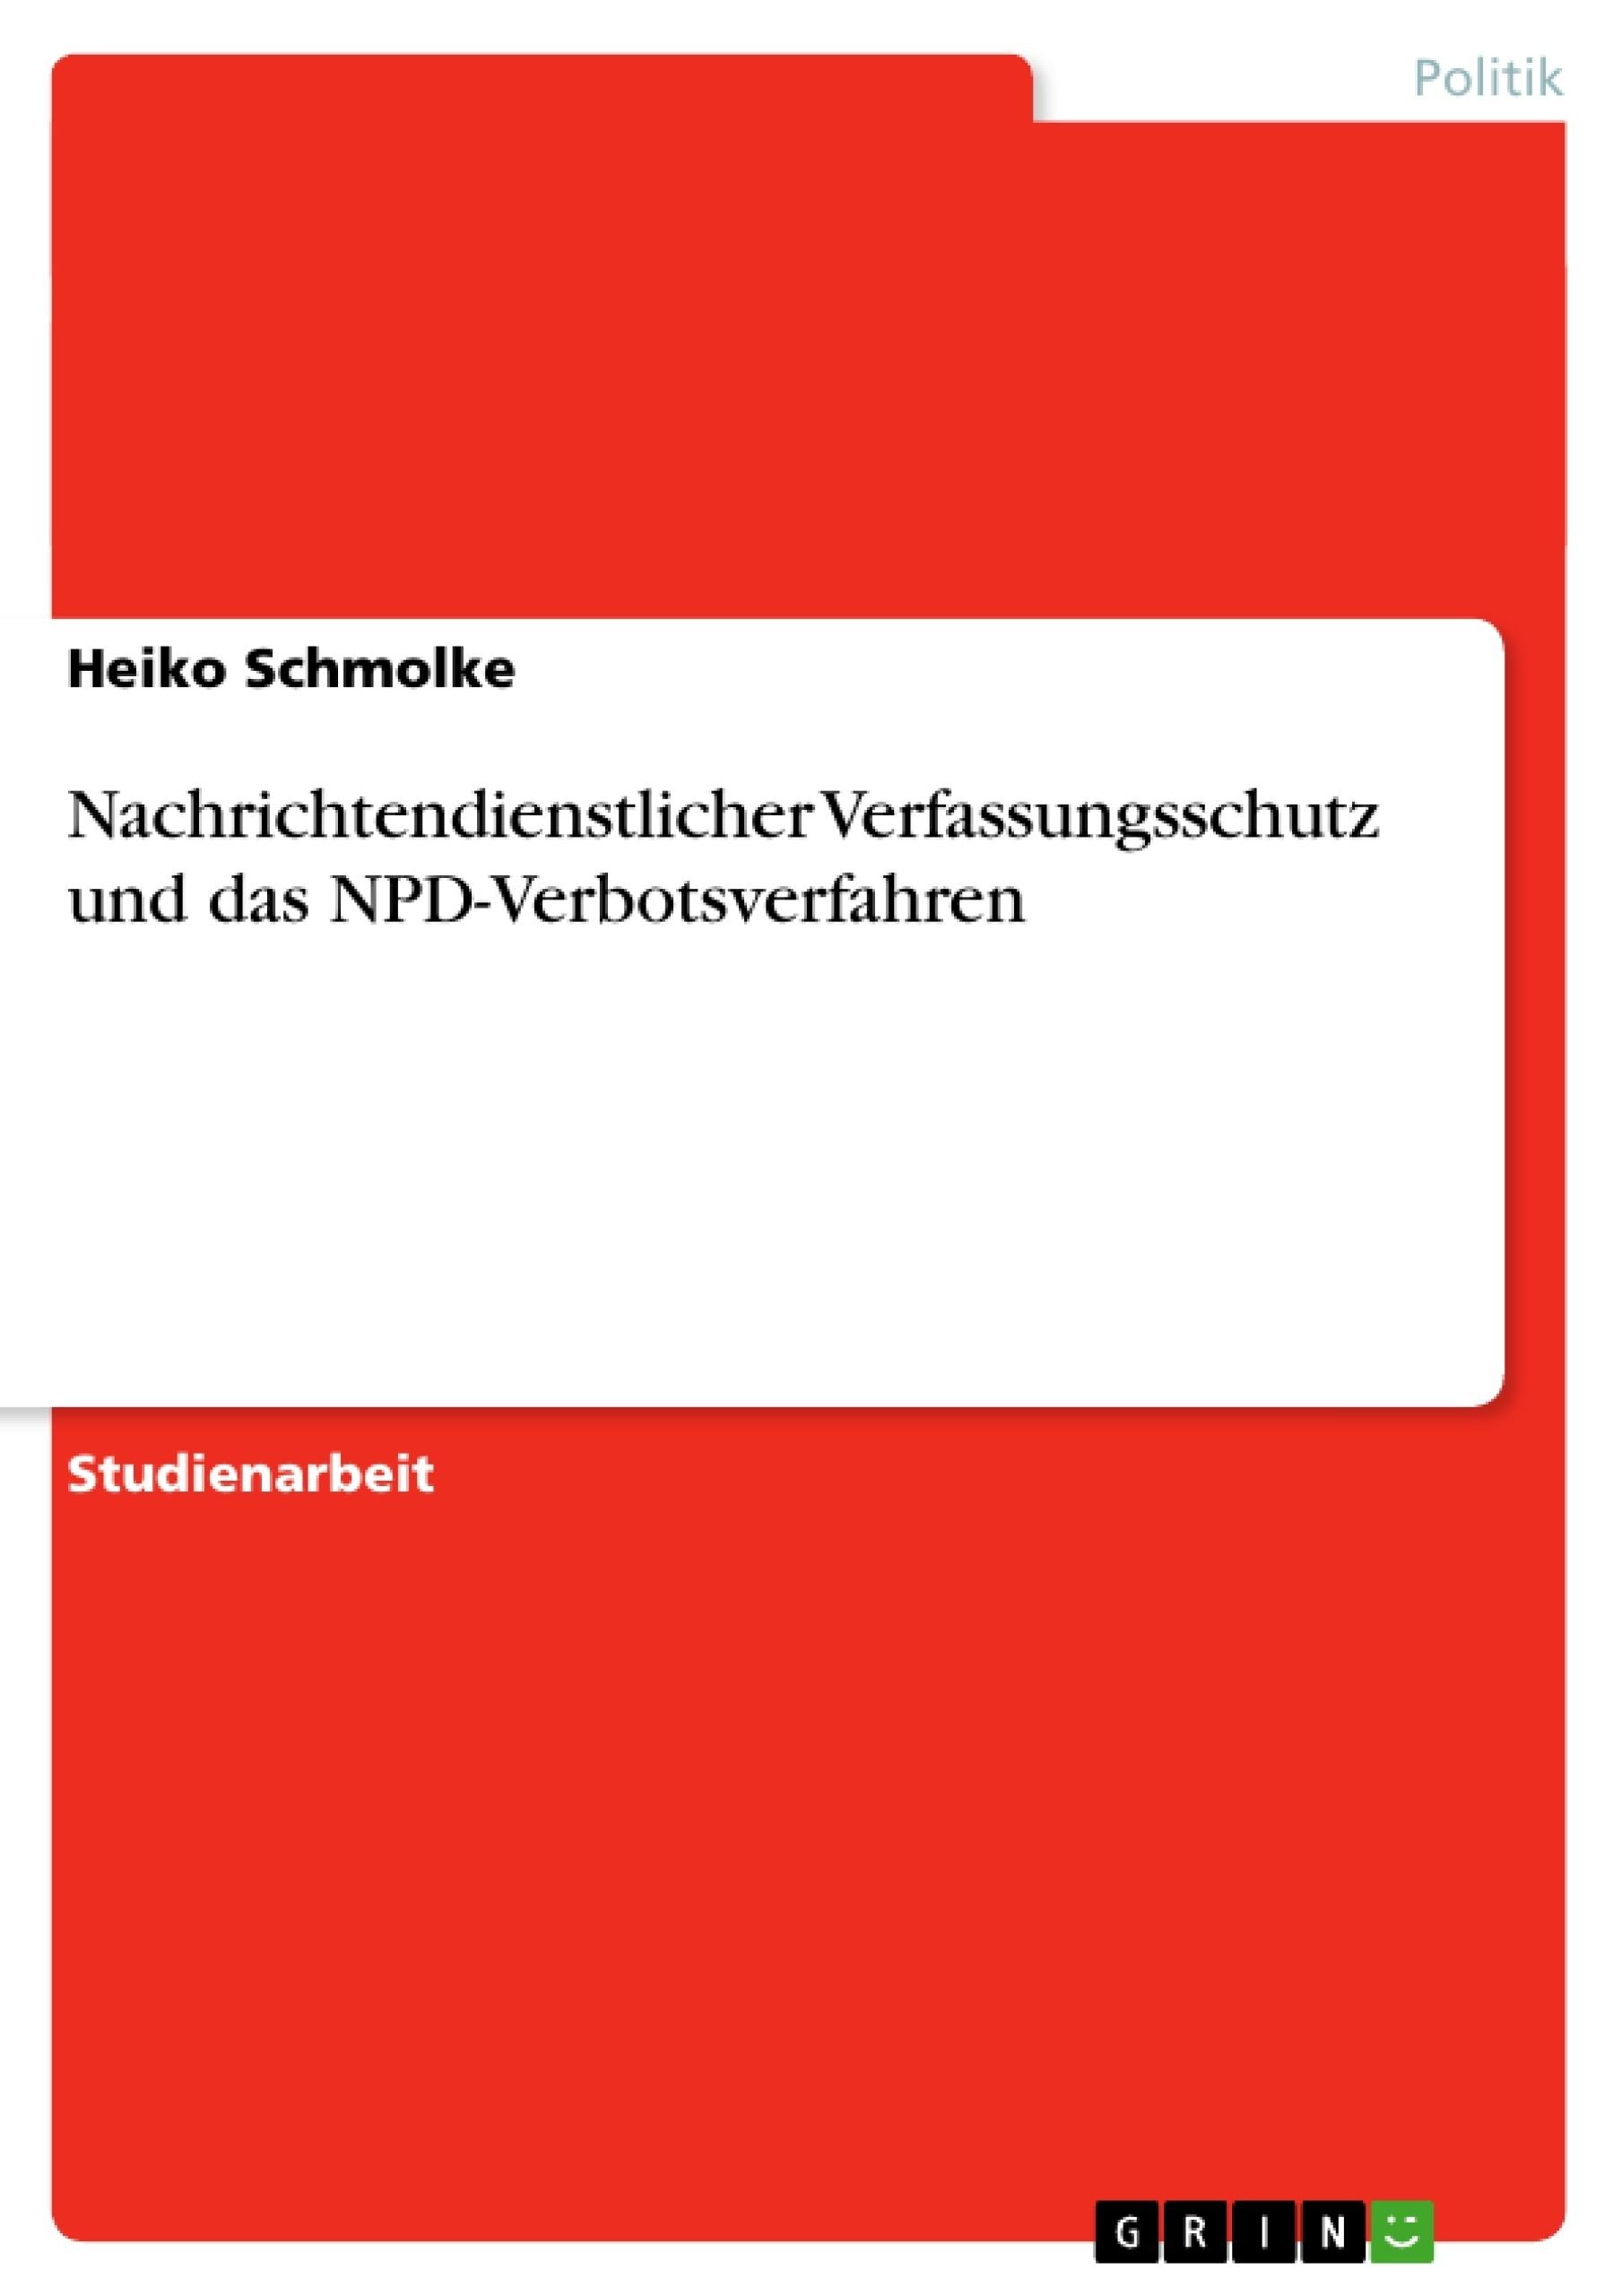 Titel: Nachrichtendienstlicher Verfassungsschutz und das NPD-Verbotsverfahren